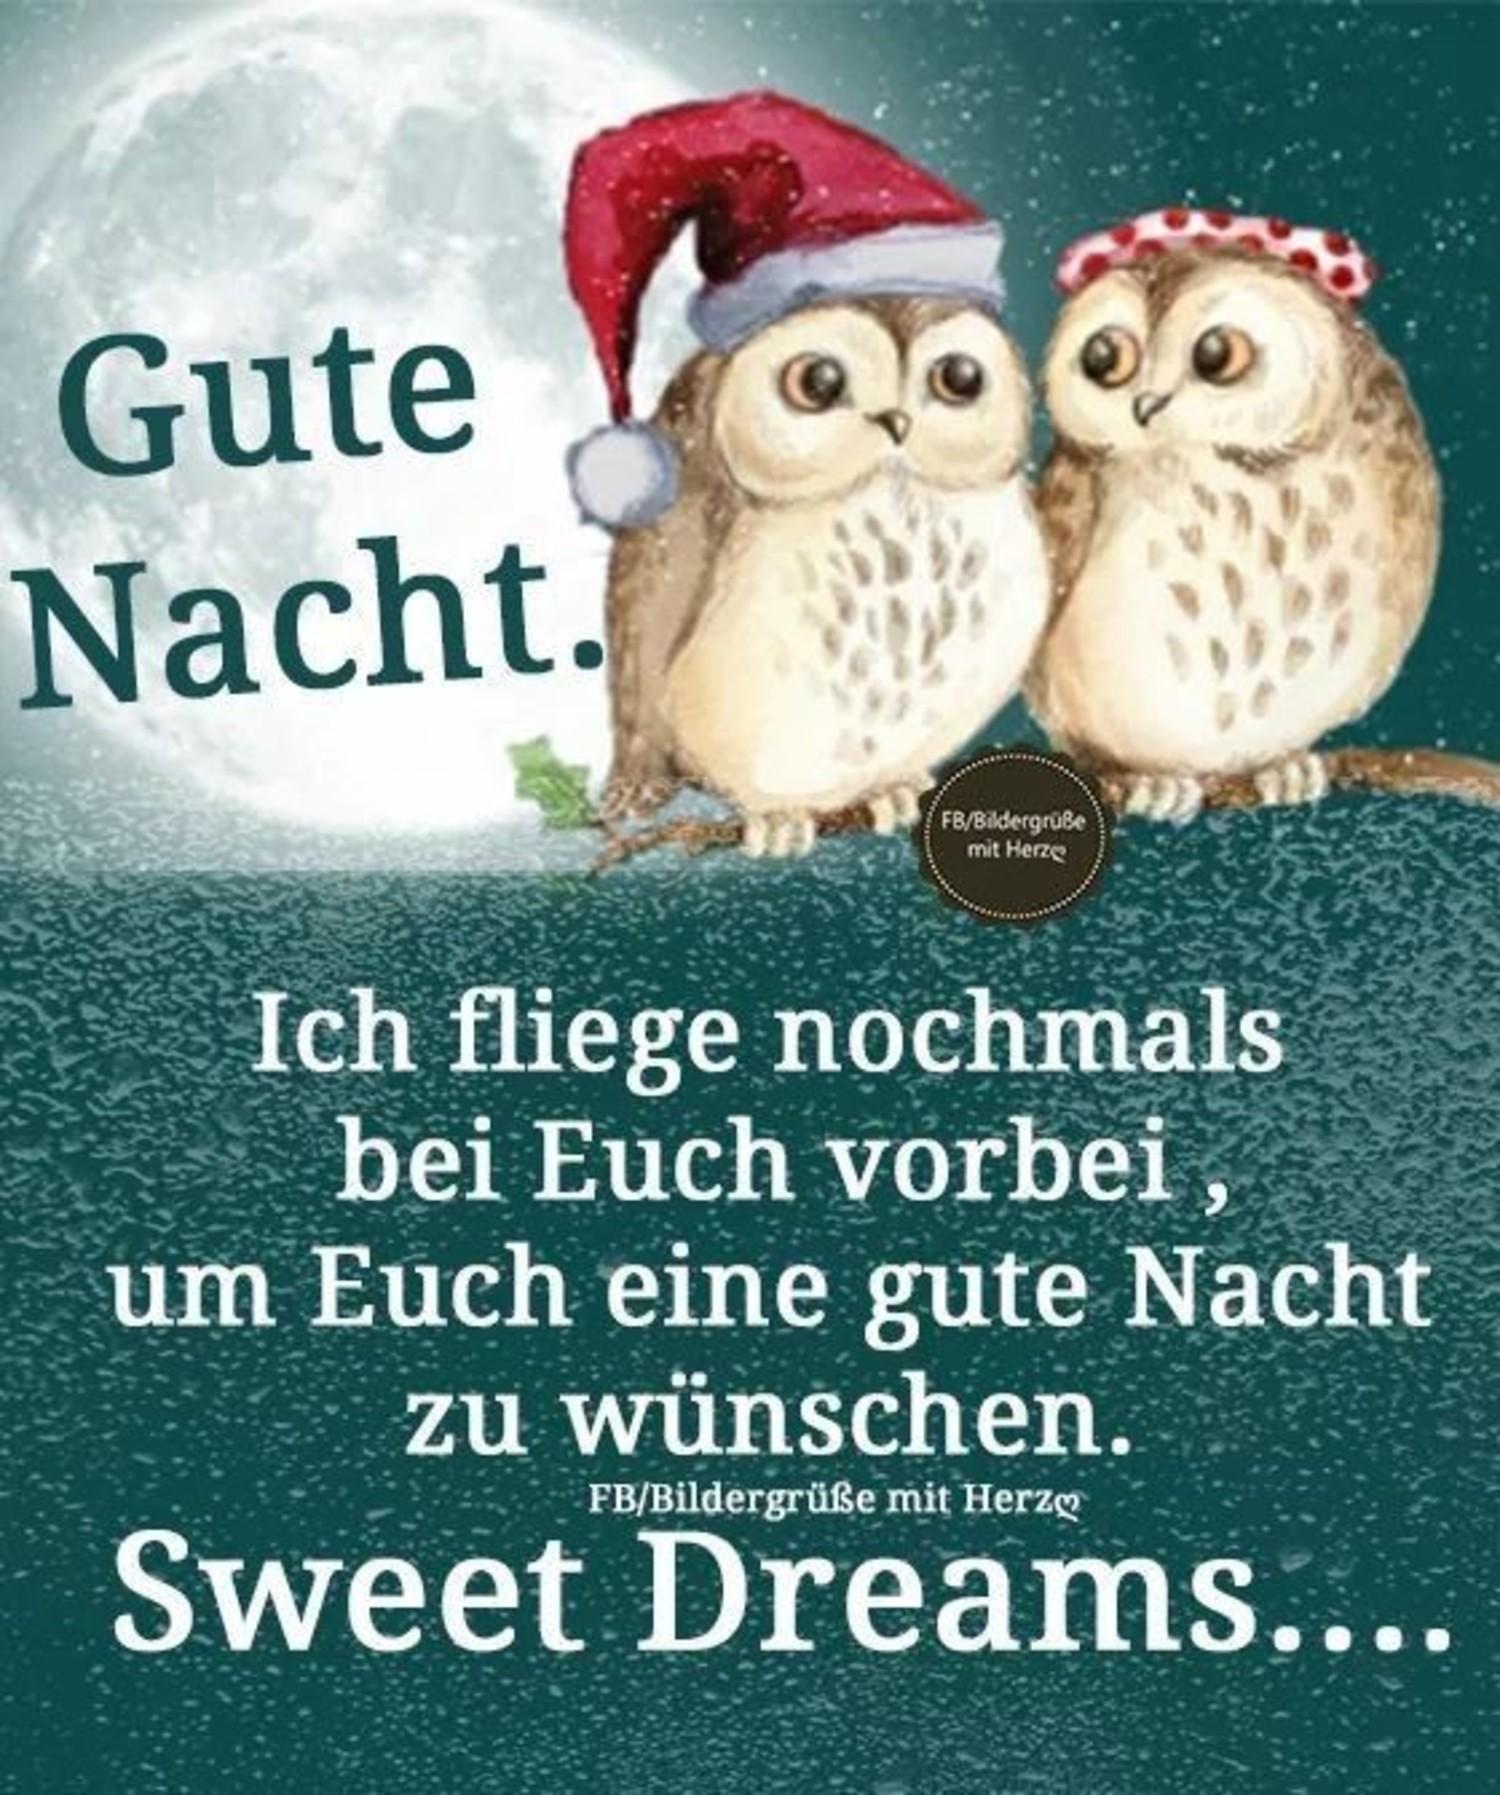 Bilder Und Sprüche Gute Nacht Weihnachten Gbpicsbildercom